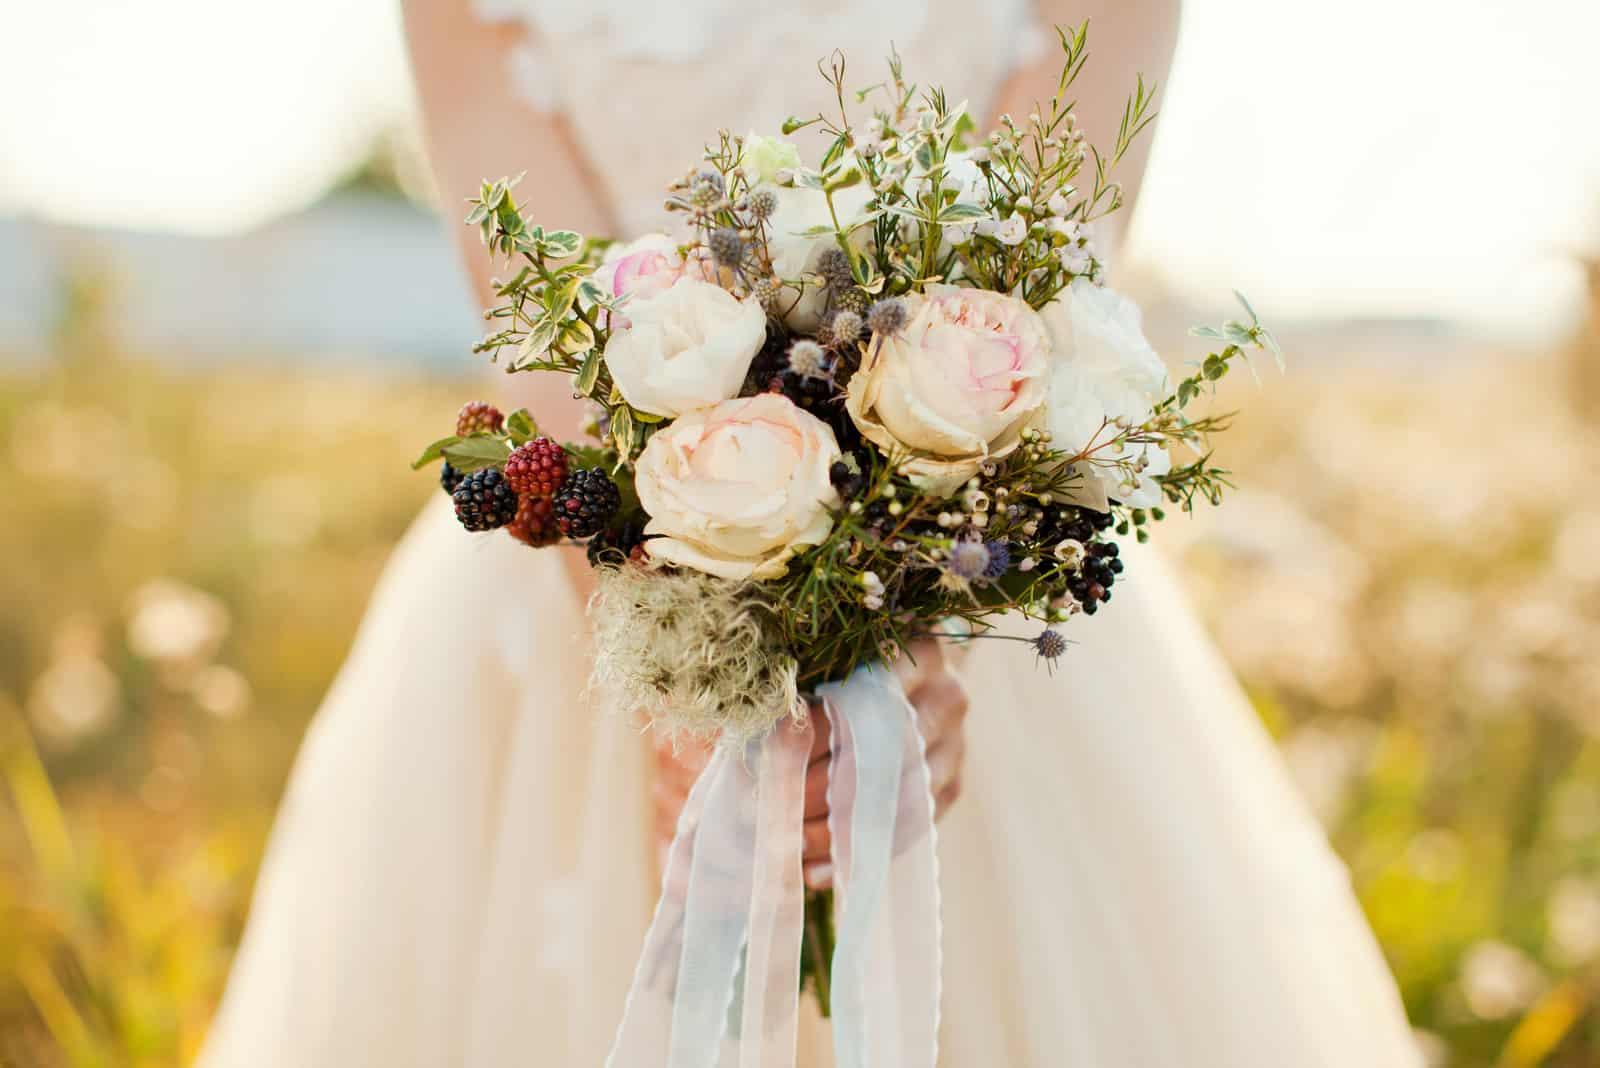 ein Strauß Waldfrüchte und weiße Rosen